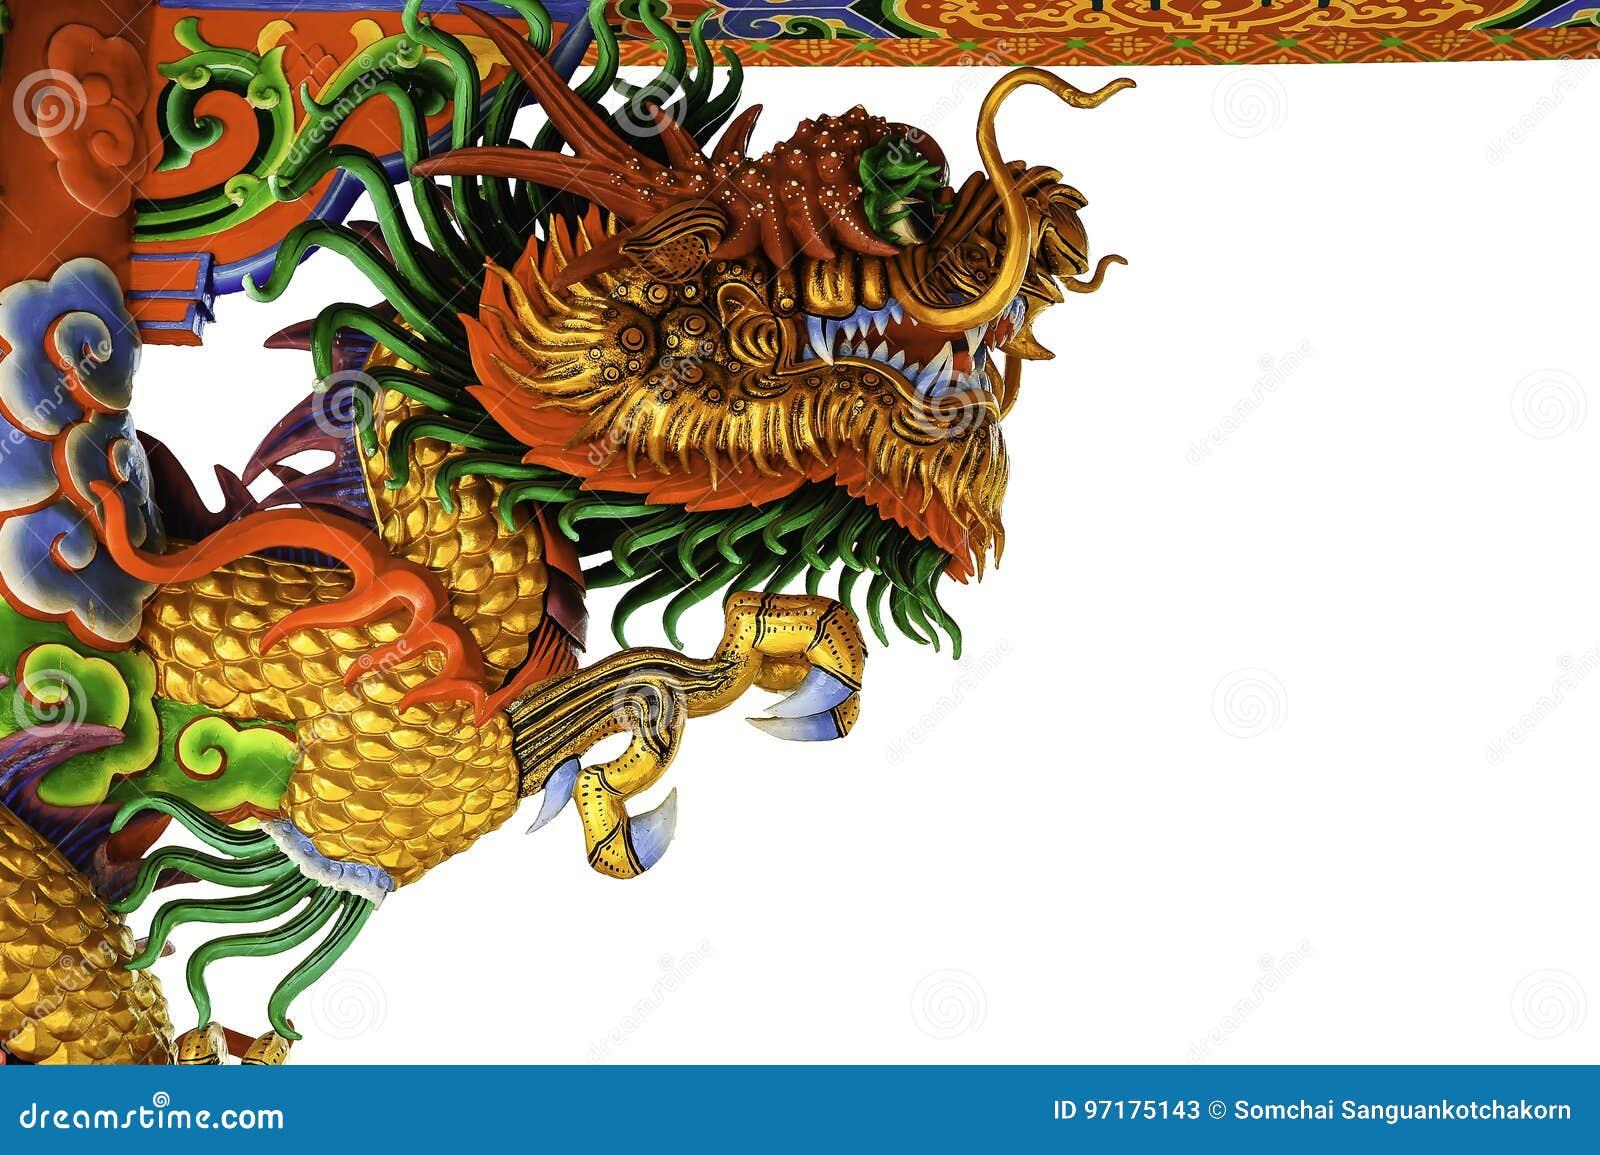 Chinesische Kunst Der Skulptur Des Goldenen Drachen Stockbild Bild Von Goldenen Chinesische 97175143